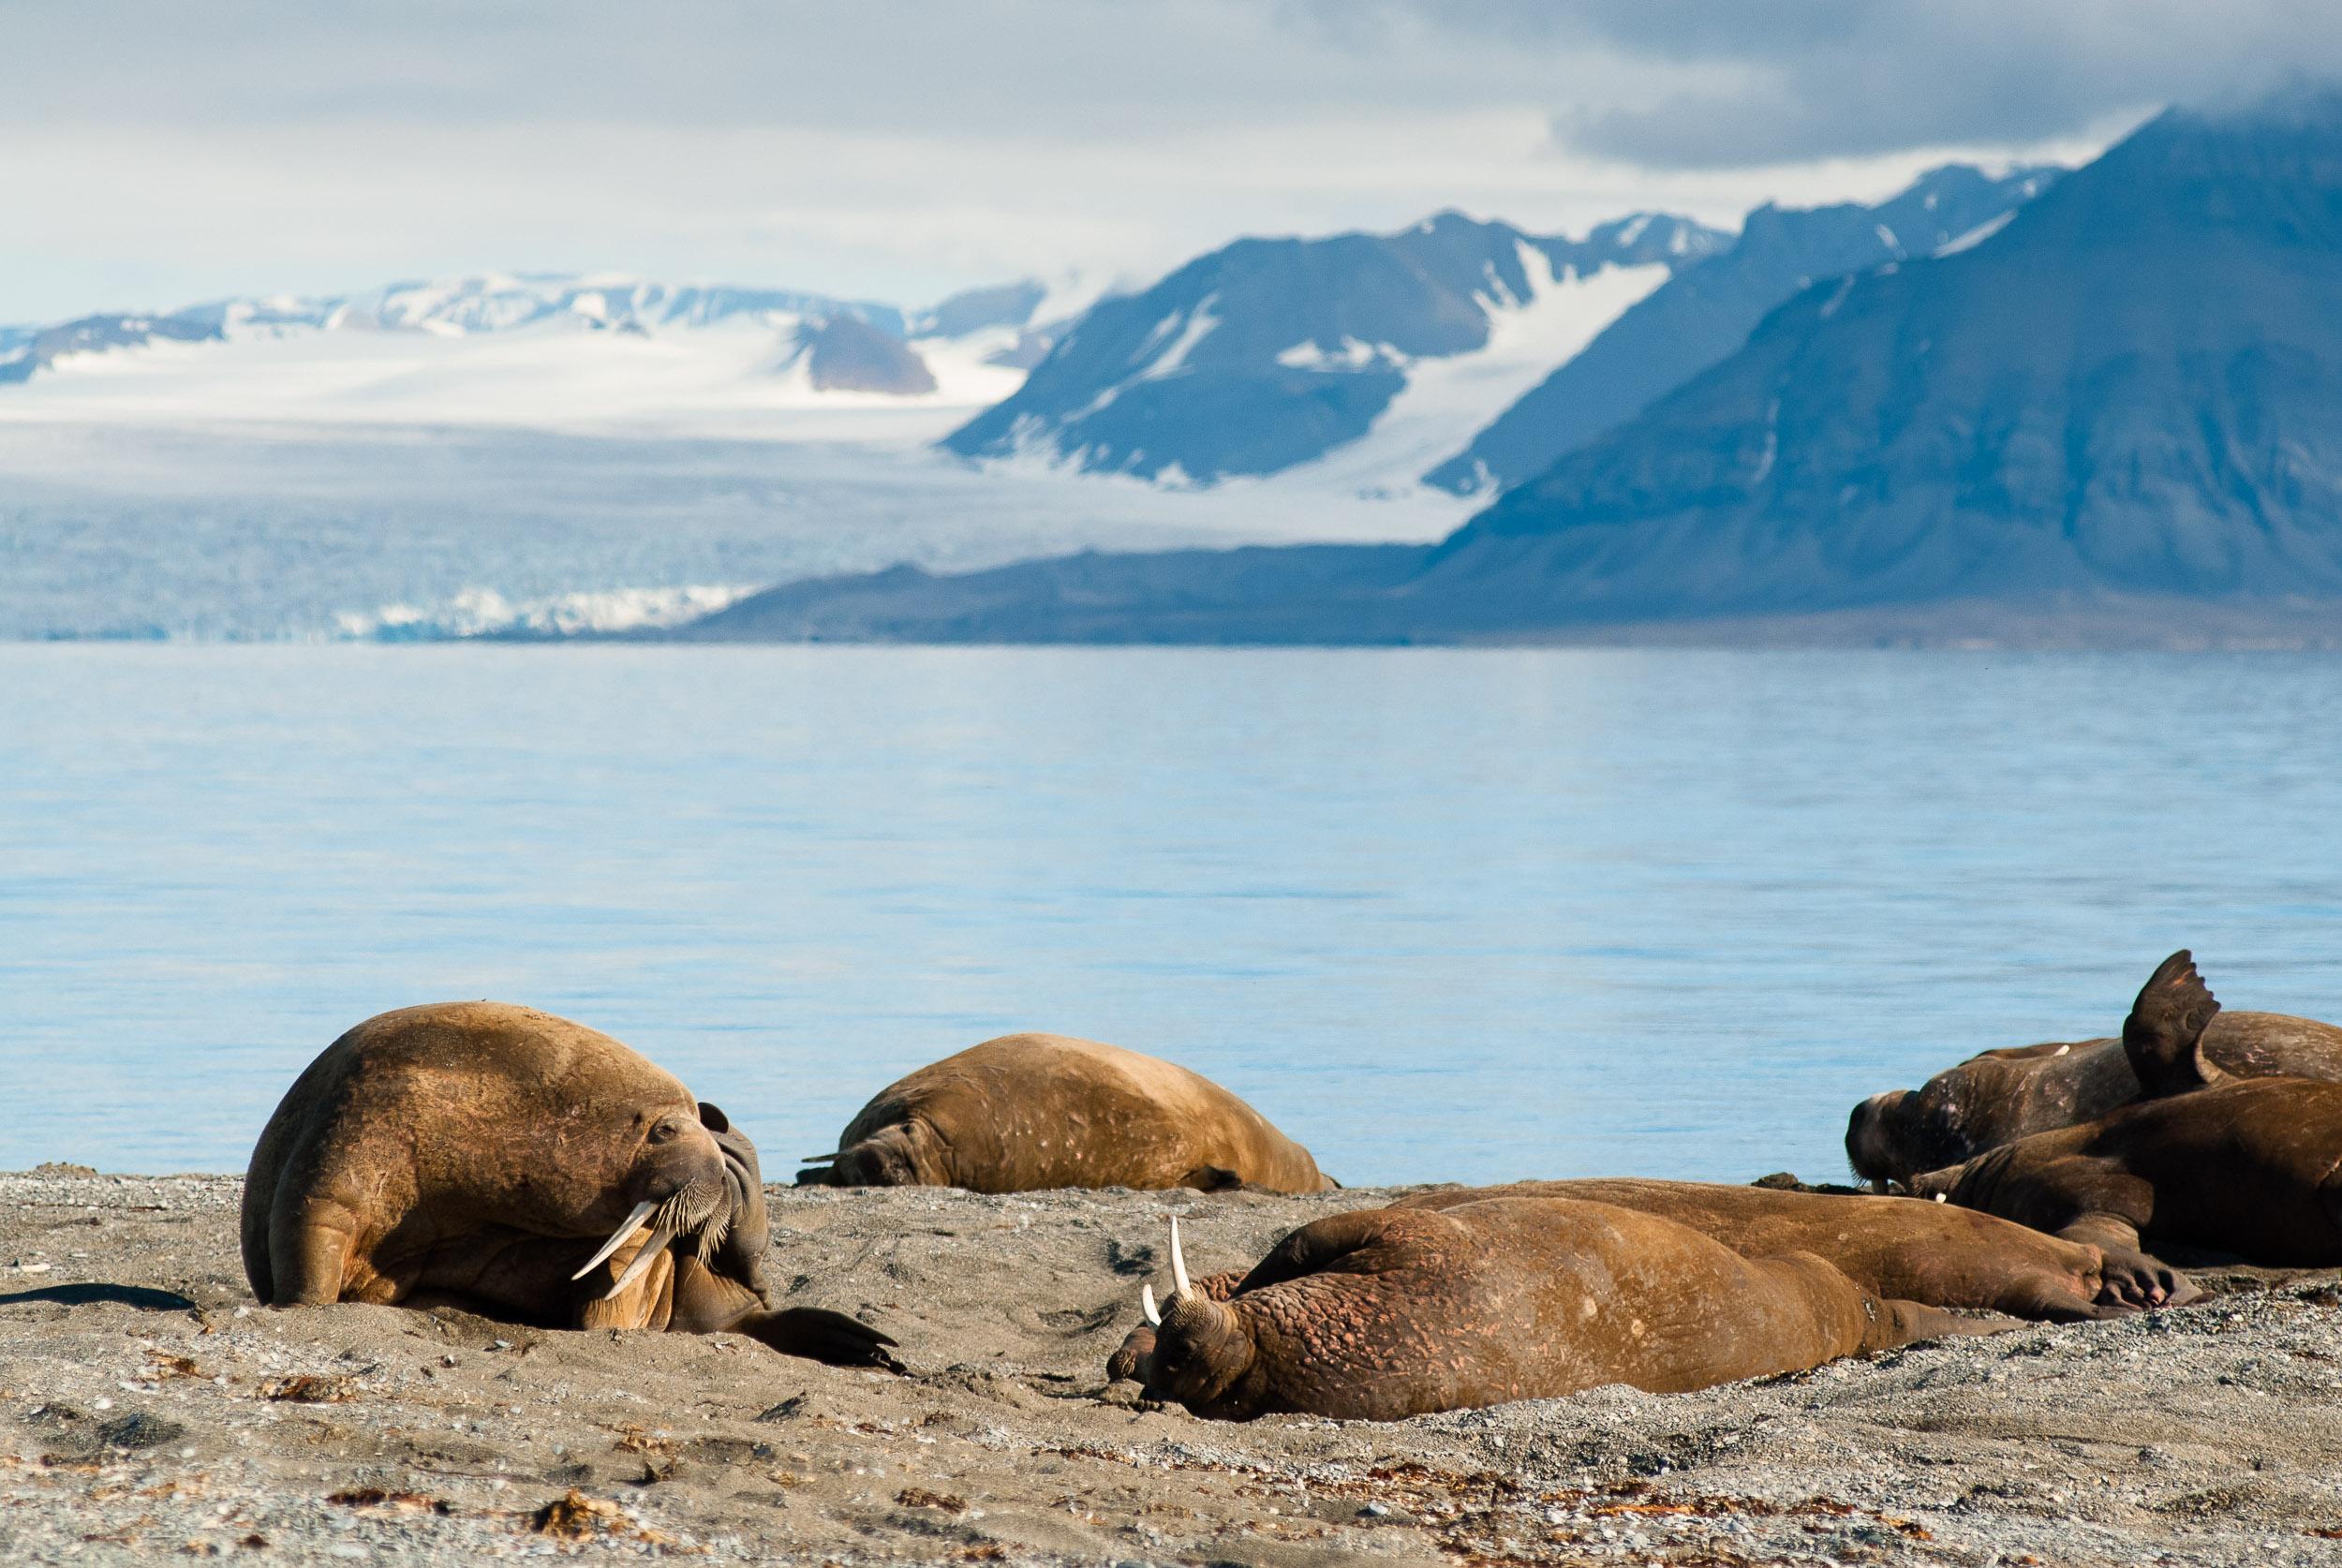 Walruses on a beach, Poolepynten, Broggerhalvoya, Prins Karl Forland, Svalbard, Norway.